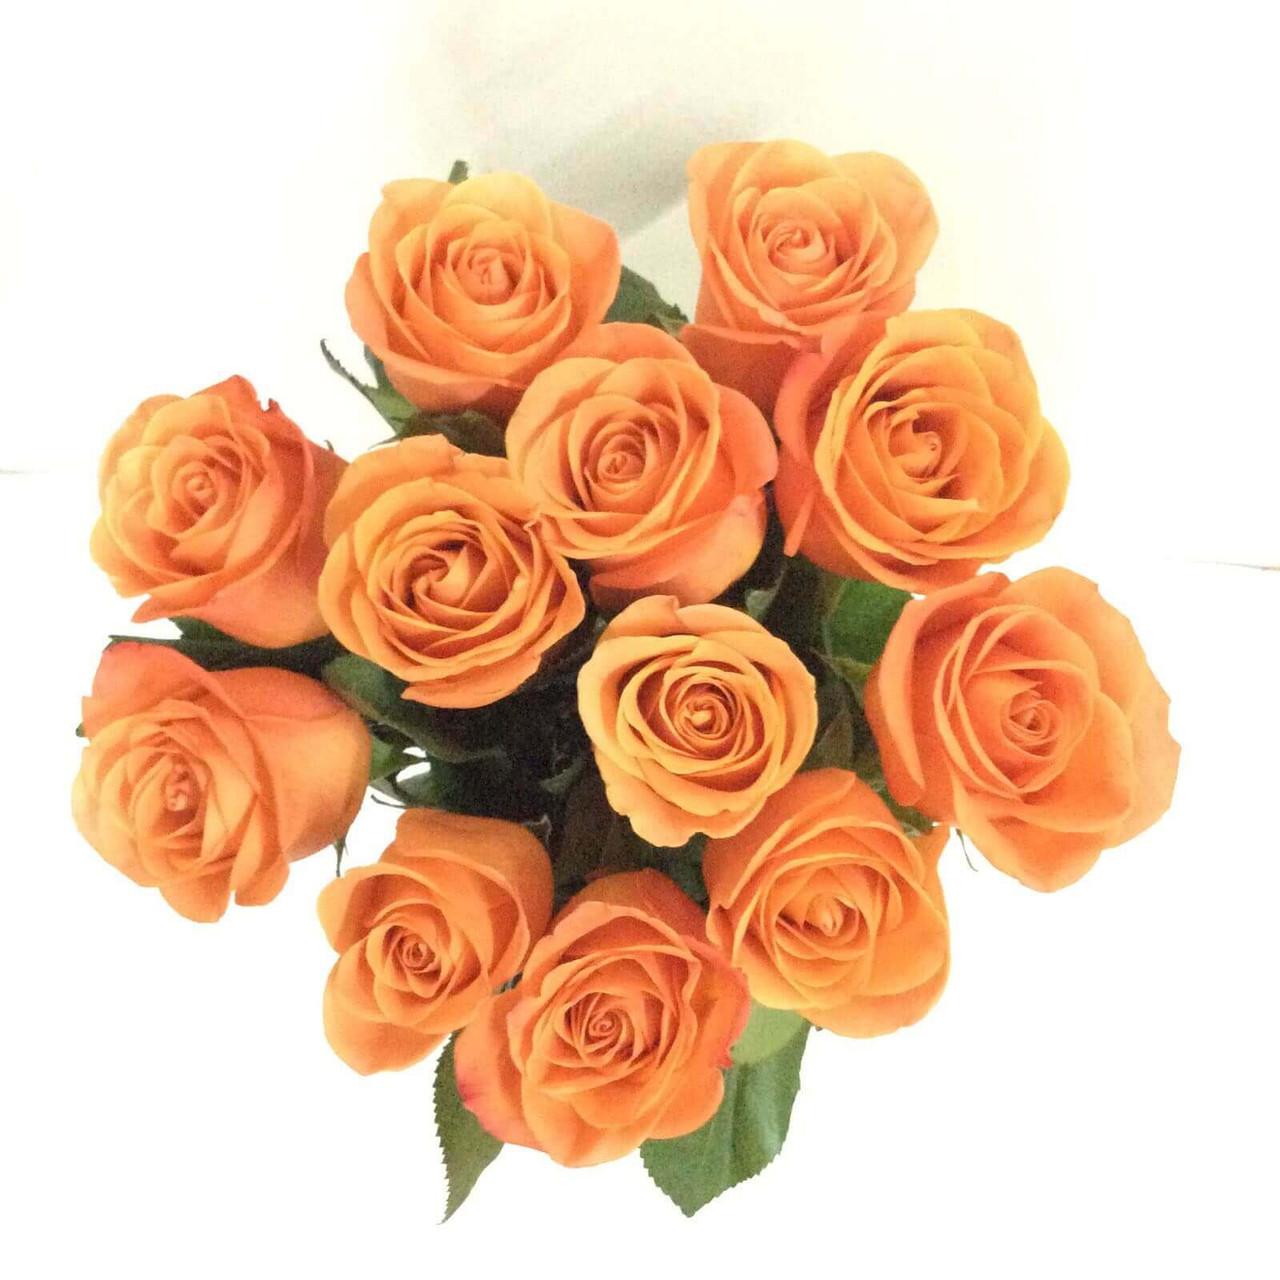 12 Orange Ecuadorian Roses